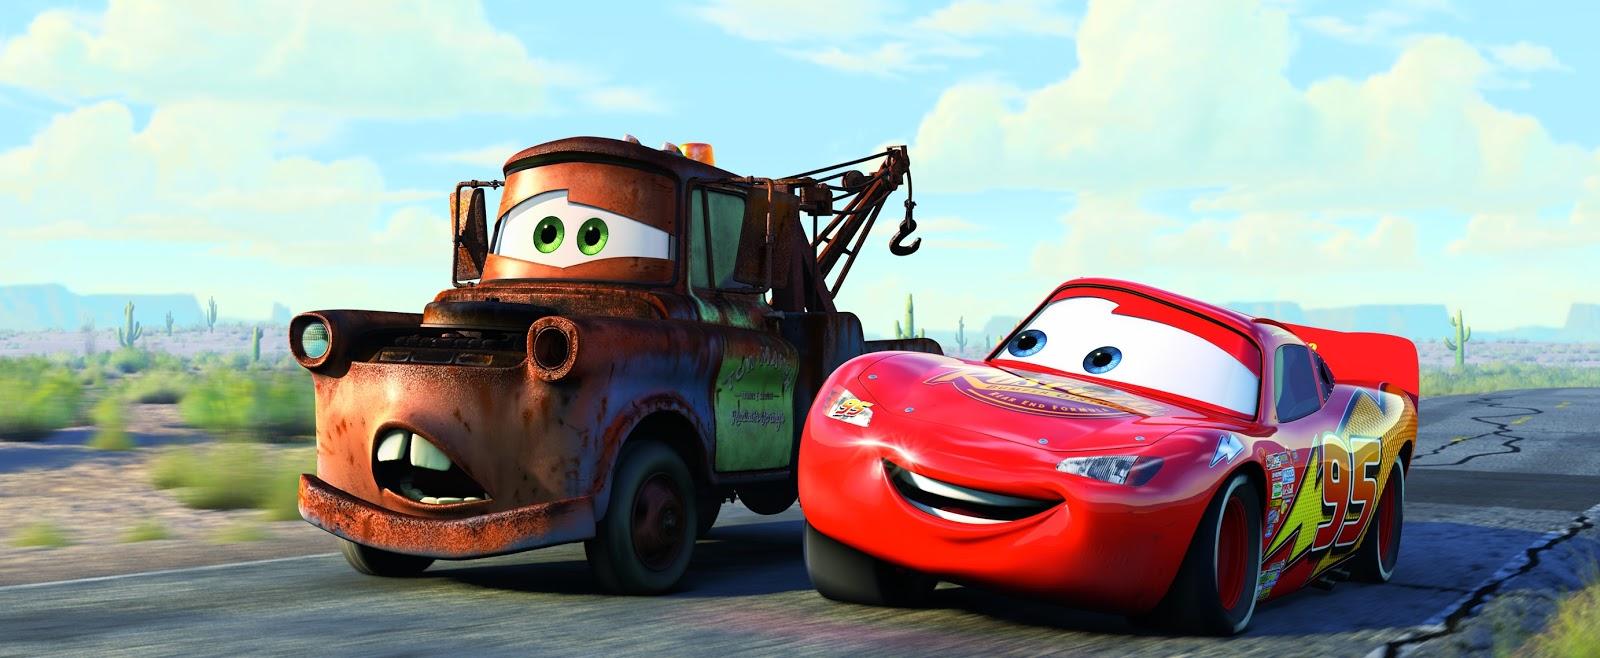 disney channel emite el 26 de mayo la película cars dcgroup news